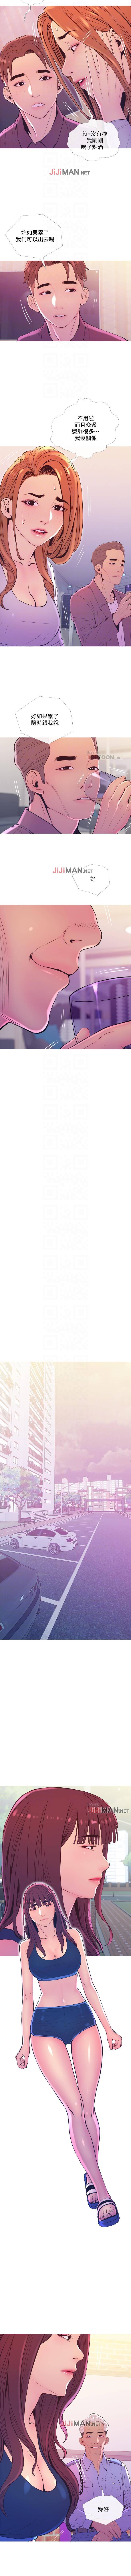 【周五连载】主妇危机(作者:查爾斯&漢水) 第1~26话 74